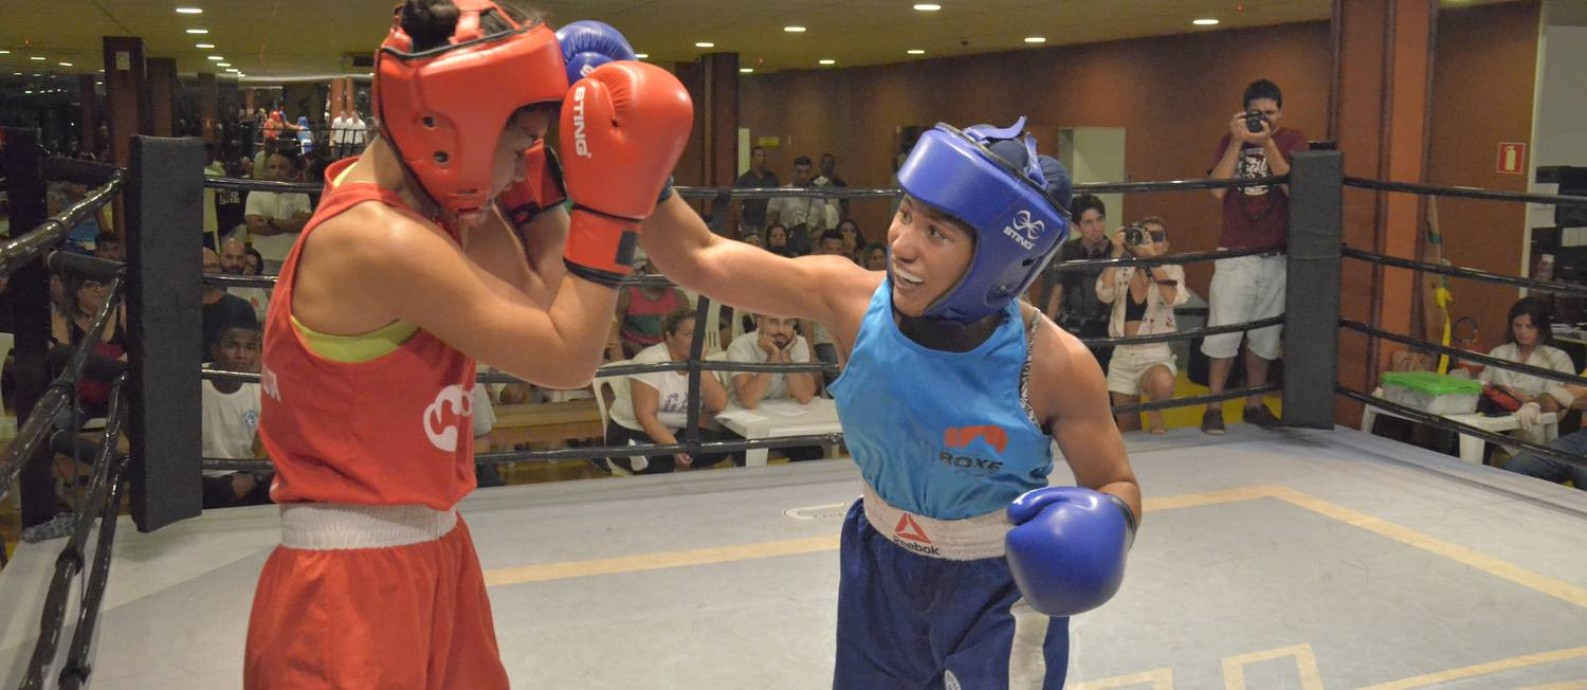 Rebeca Lima, à direita, em ação Foto: Divulgação/Federação de Boxe do Rio